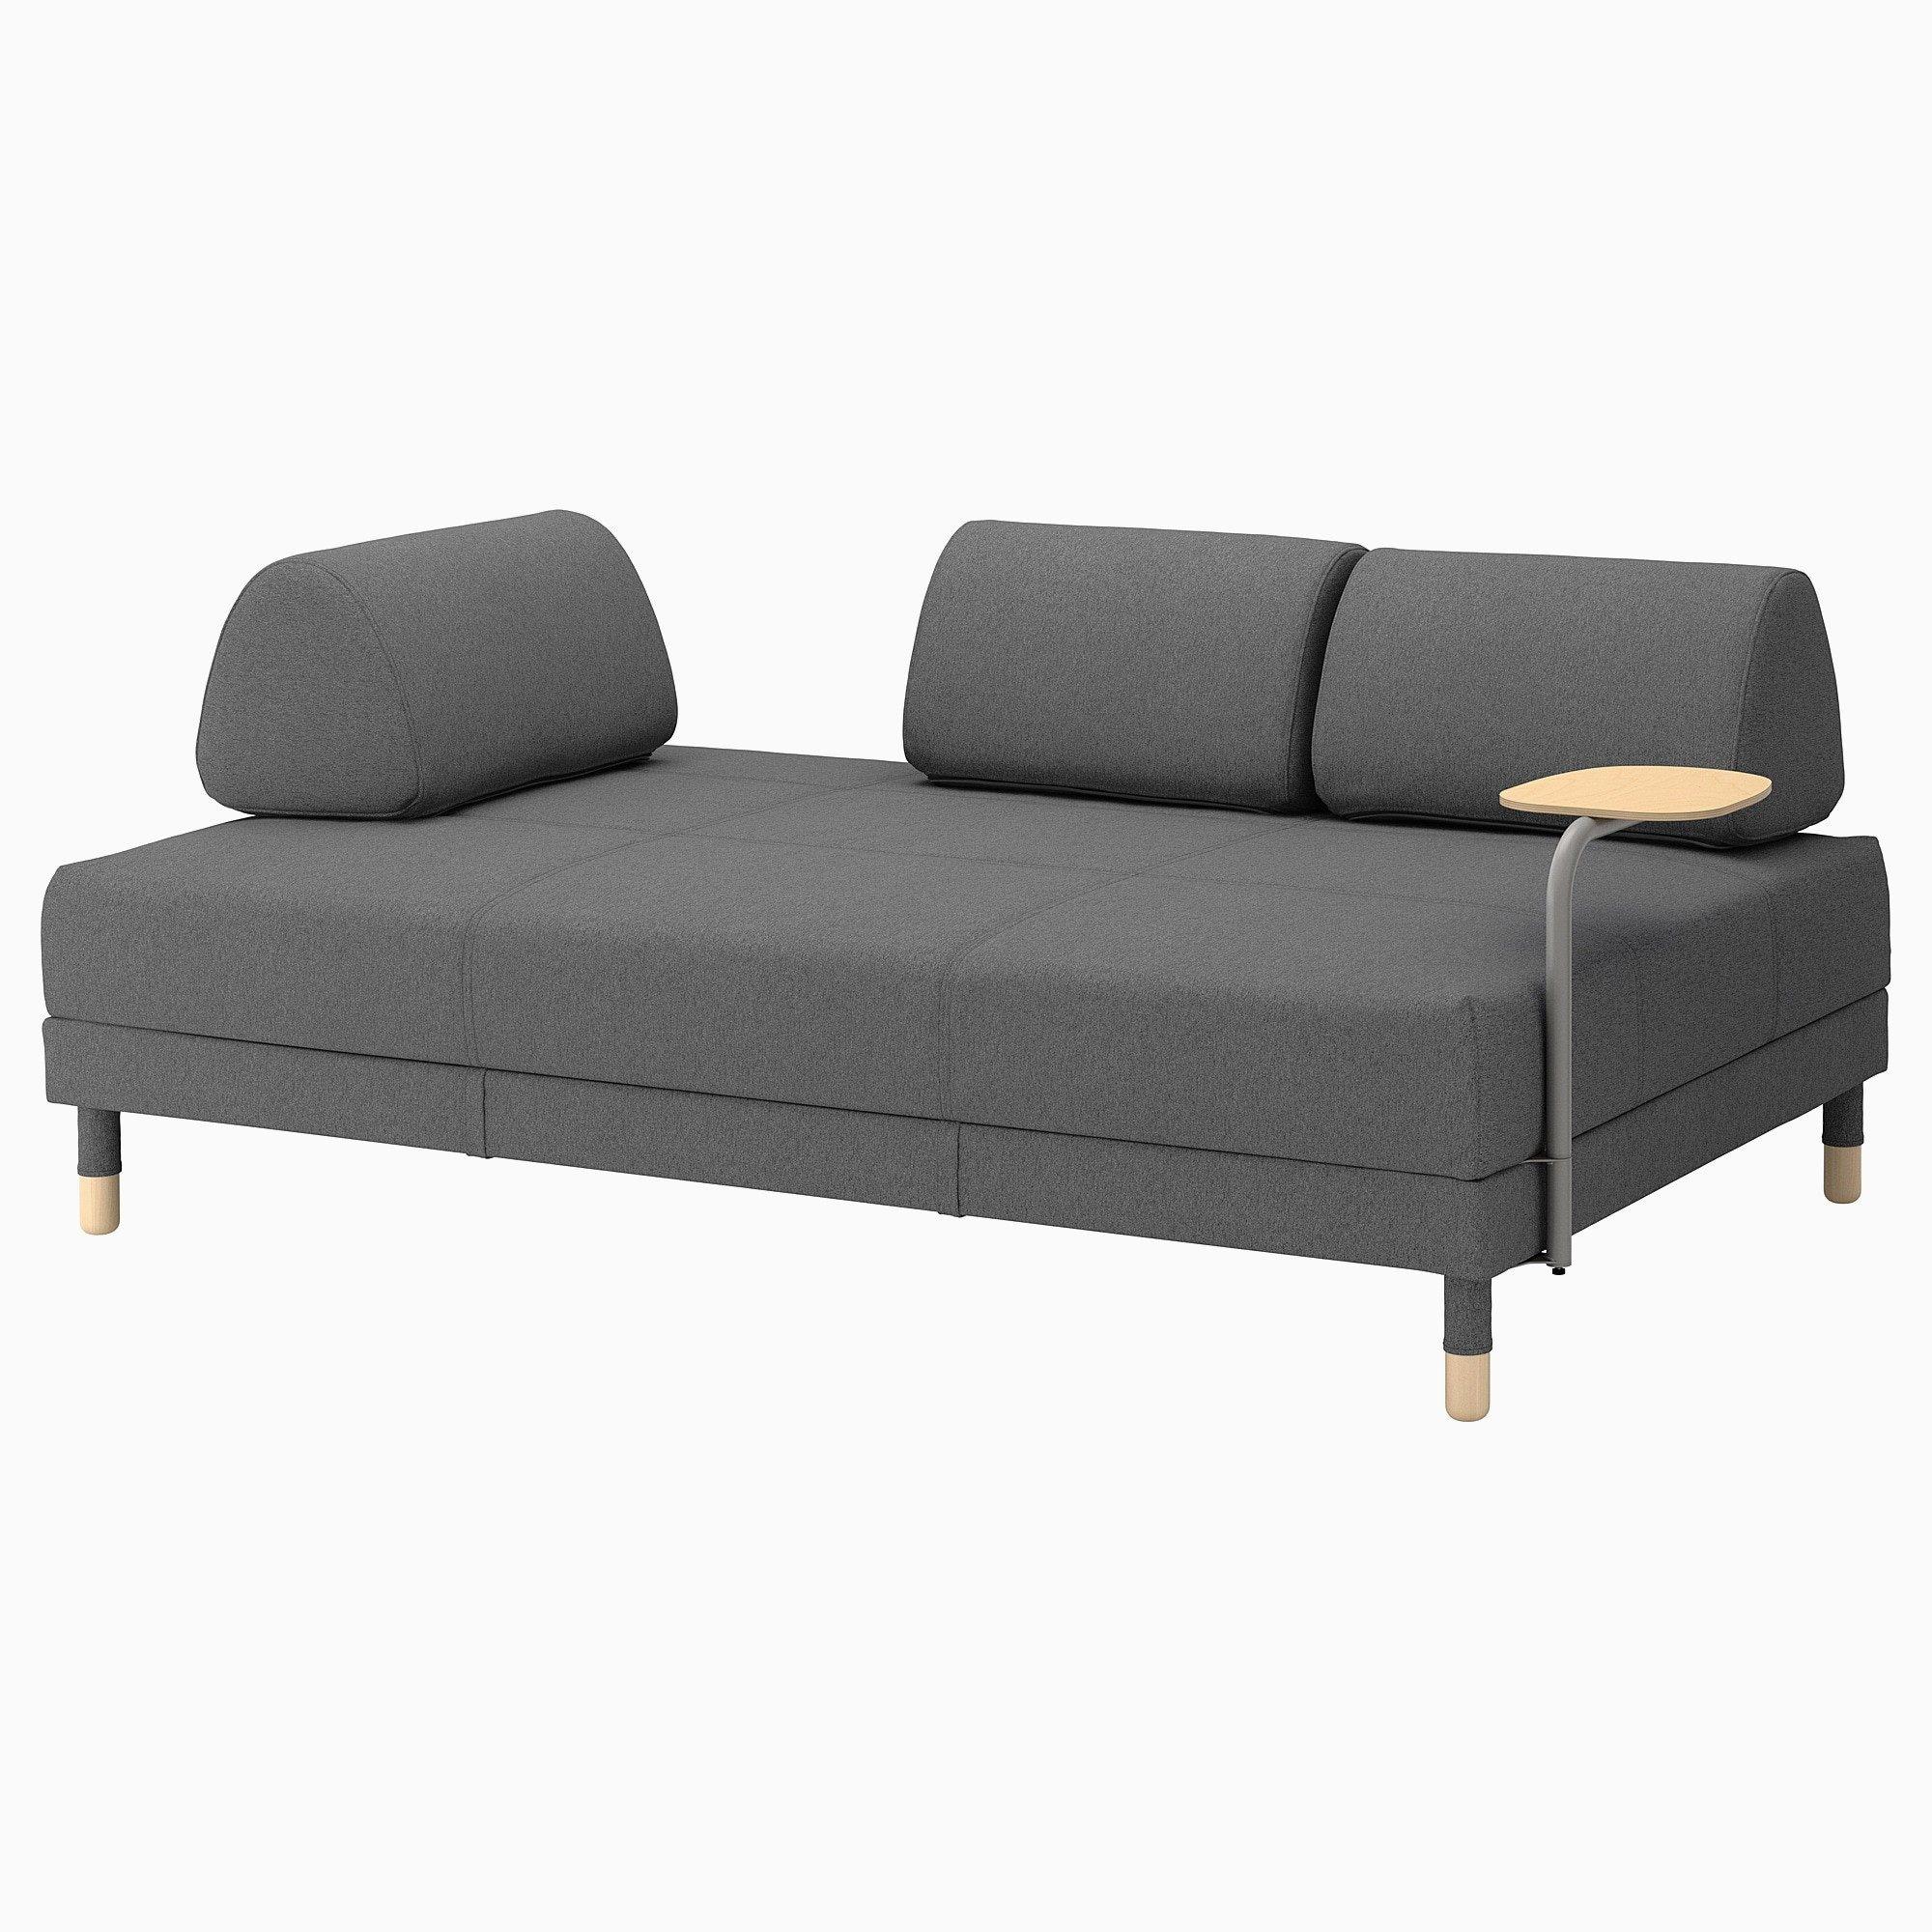 Lits Superposés Avec Rangement Nouveau Unique Mezzanine Canapé – Intérieure Design Maison